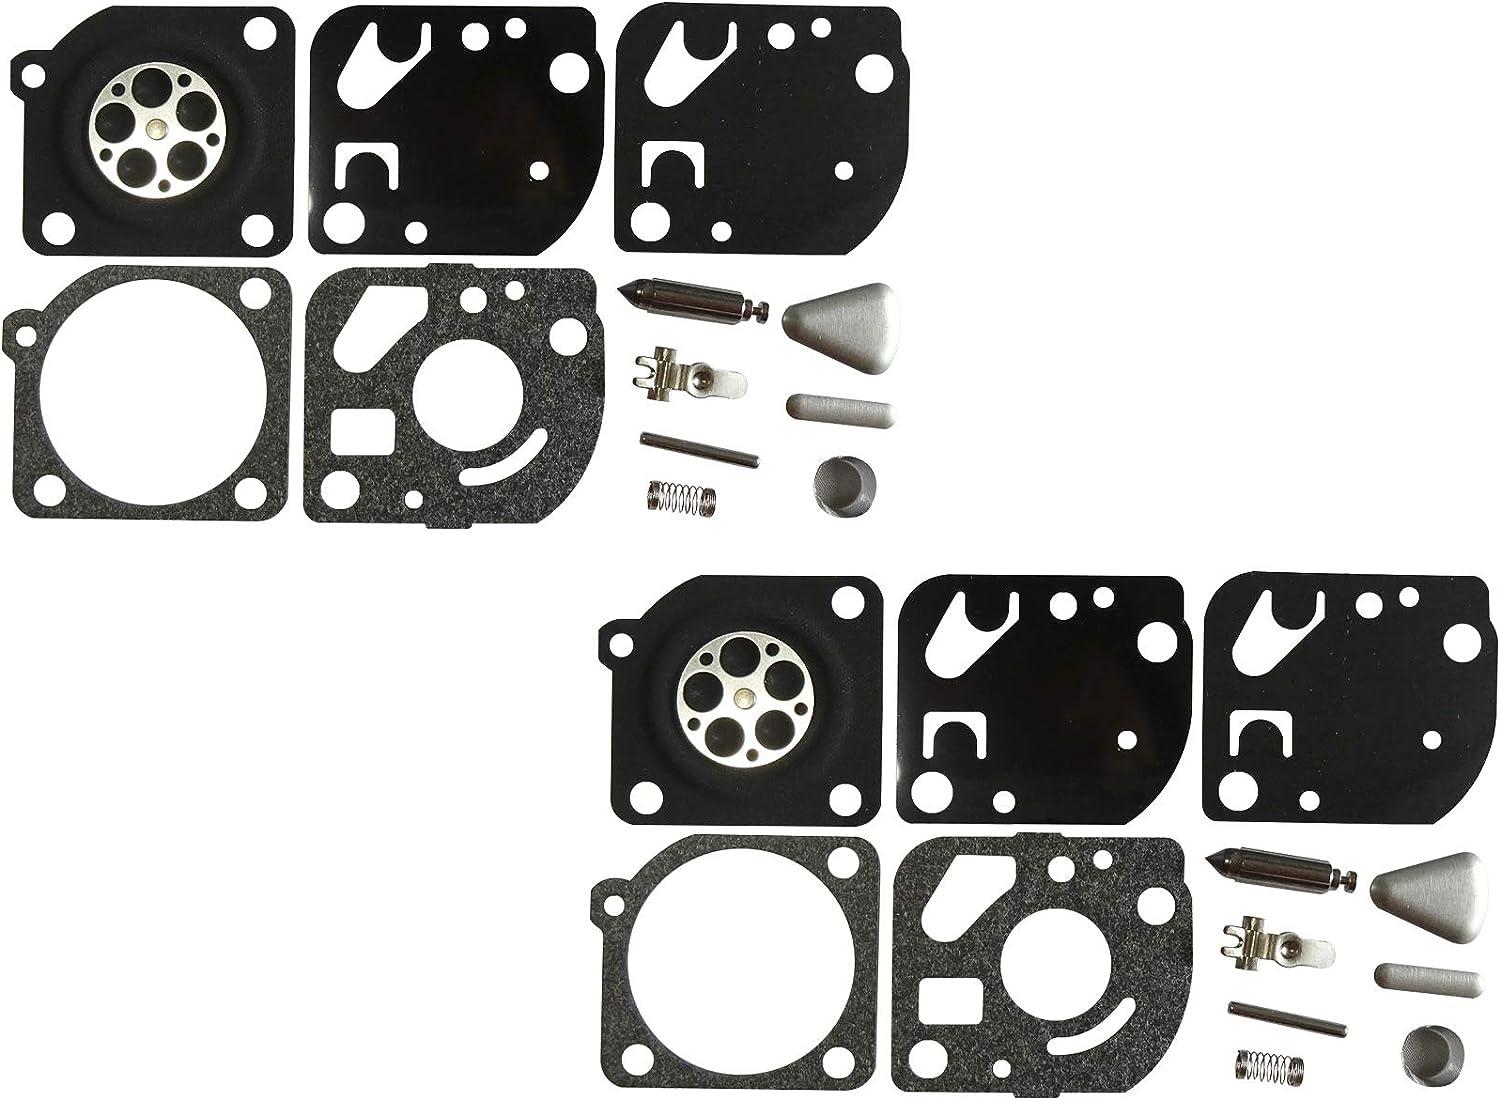 Lot de 2 Kit de r/éparation//Reconstruction de carburateur remplace ZAMA RB-27 pour Echo SRM3550 SRM3800 ZAMA C1U-K10A C1U-K12 C1U-K35 C1U-K45